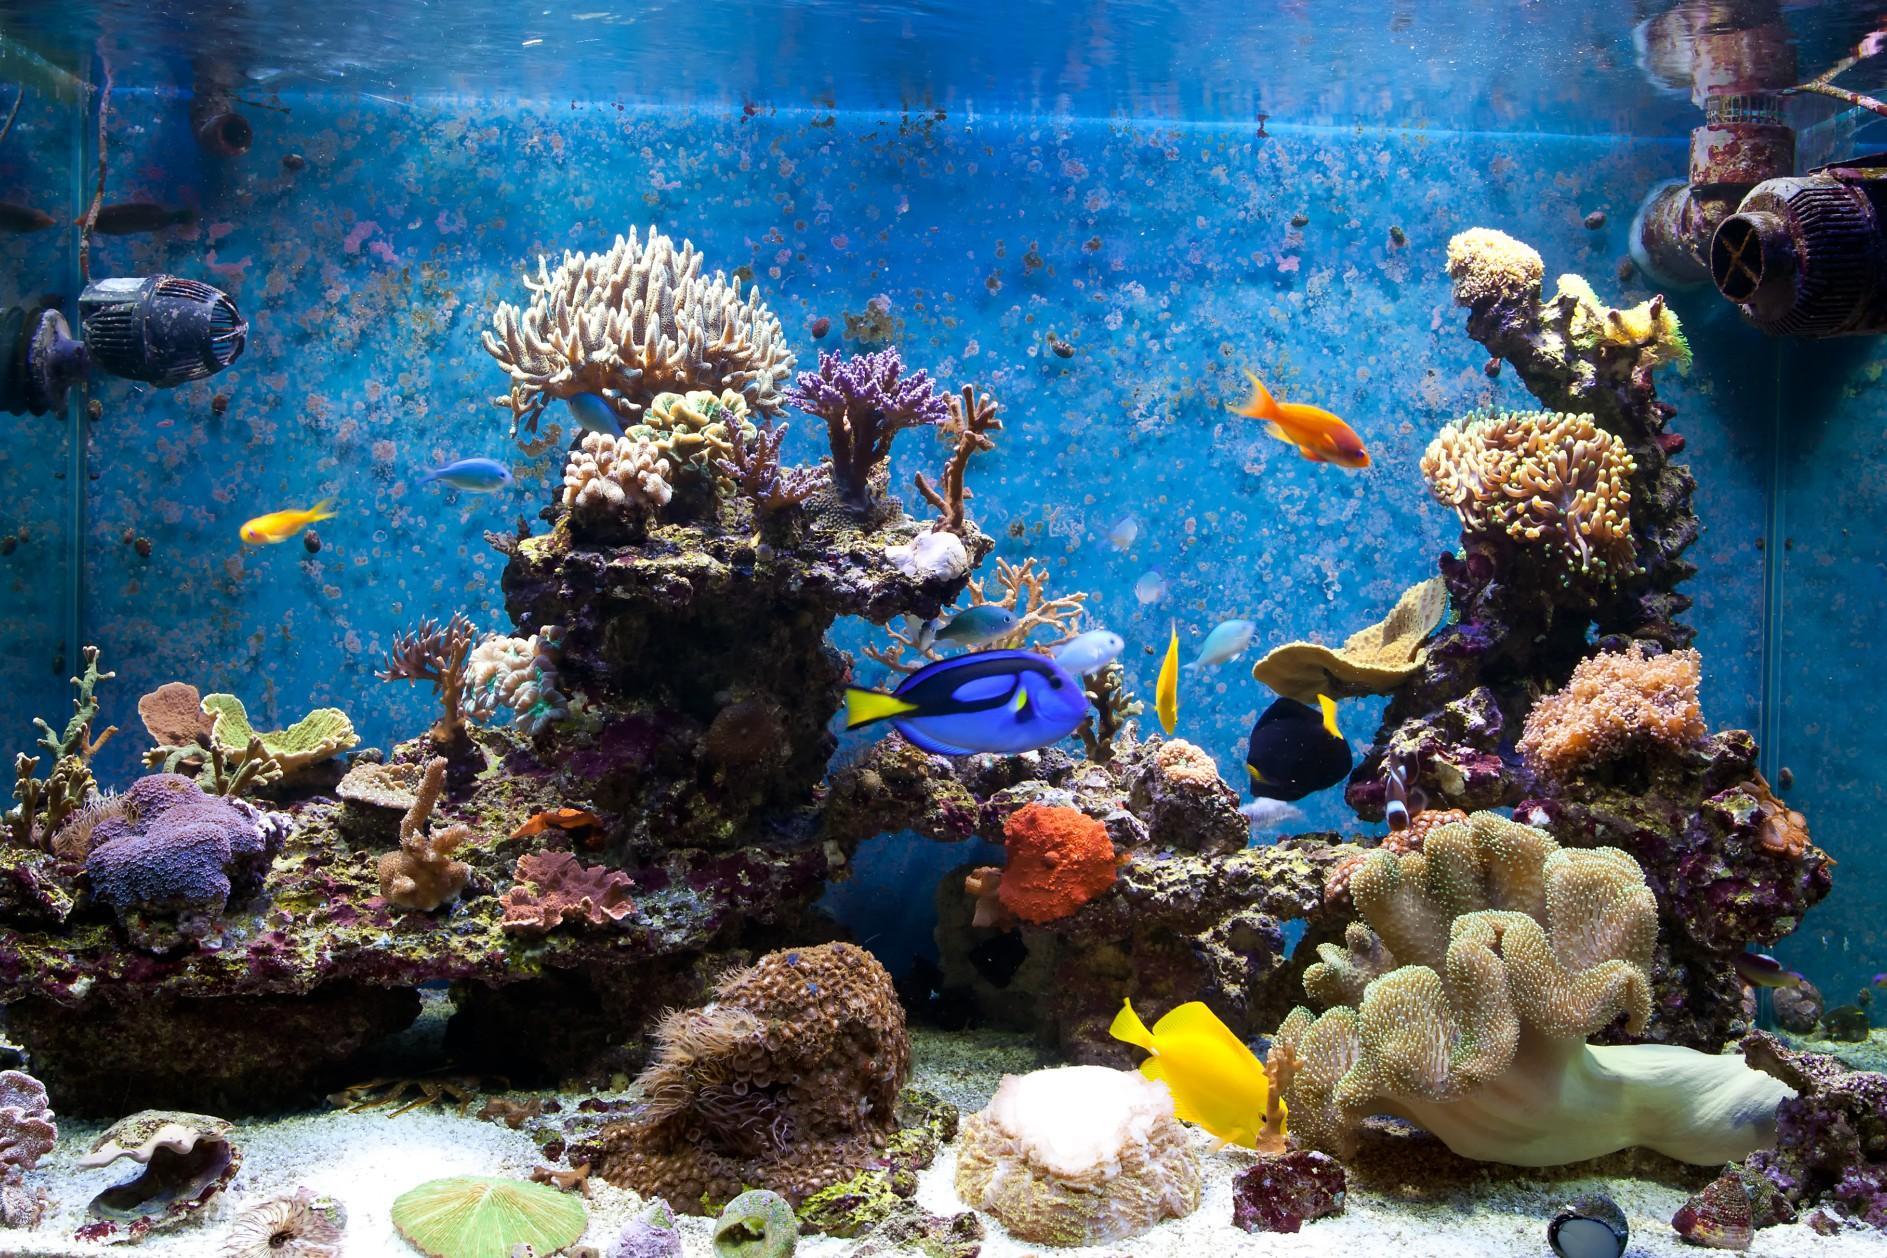 Come si pu allestire un acquario - Acquario in casa ...